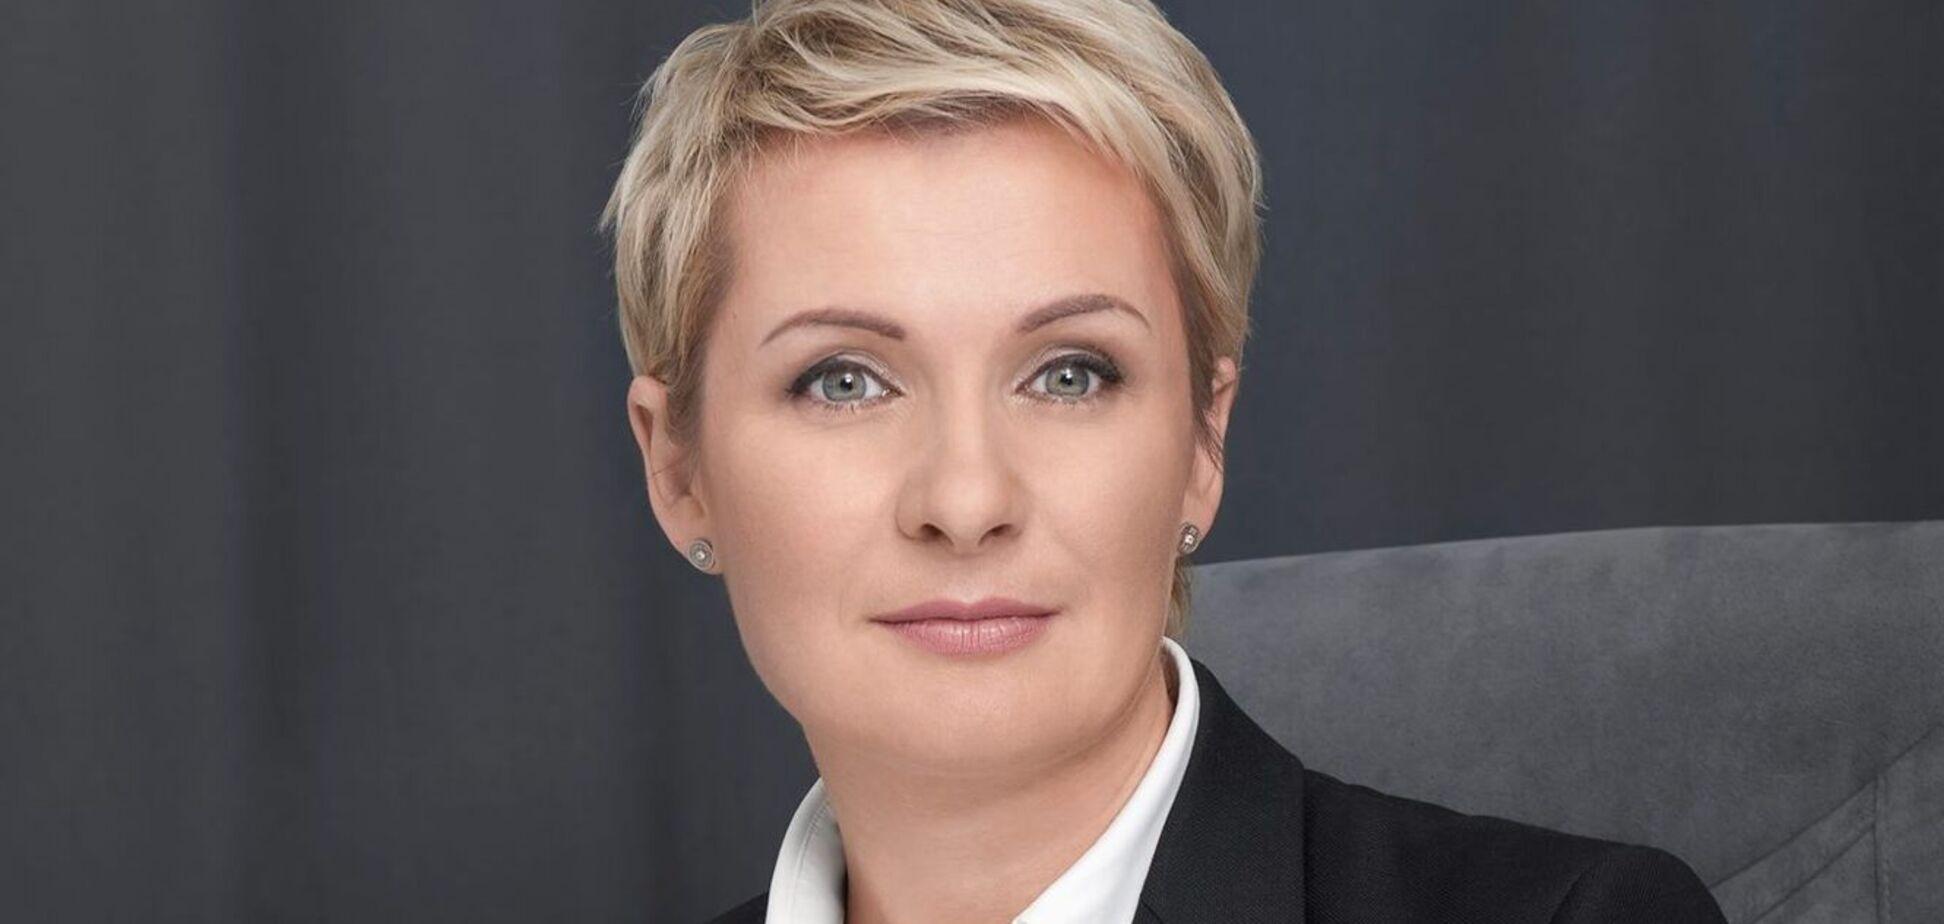 Слідство не виявило фактів розкрадання коштів і змови у справі 'ВіЕйБі банку', – Козаченко